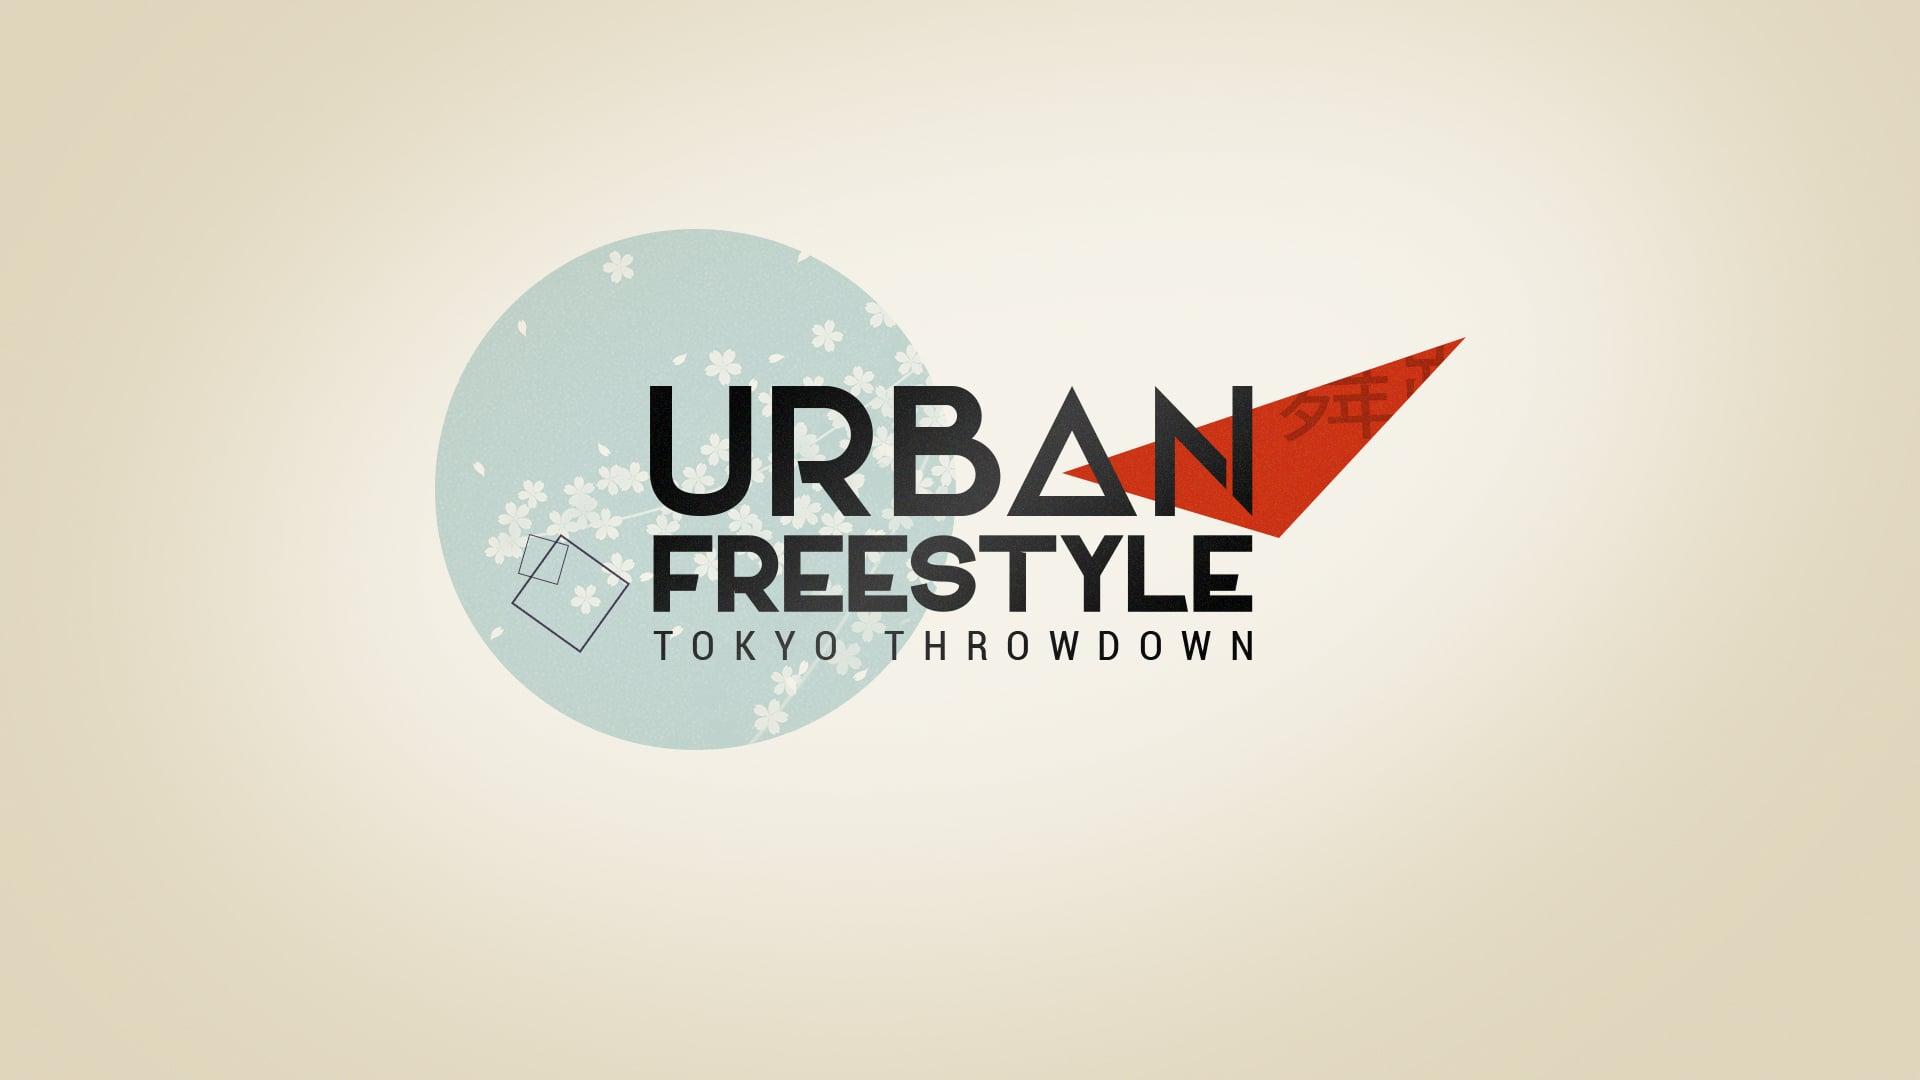 Ecran de fin de la bande annonce avec reprise des éléments graphiques géométriques et titre de l'émission : Urban Freestyle : Tokyo Throwdown